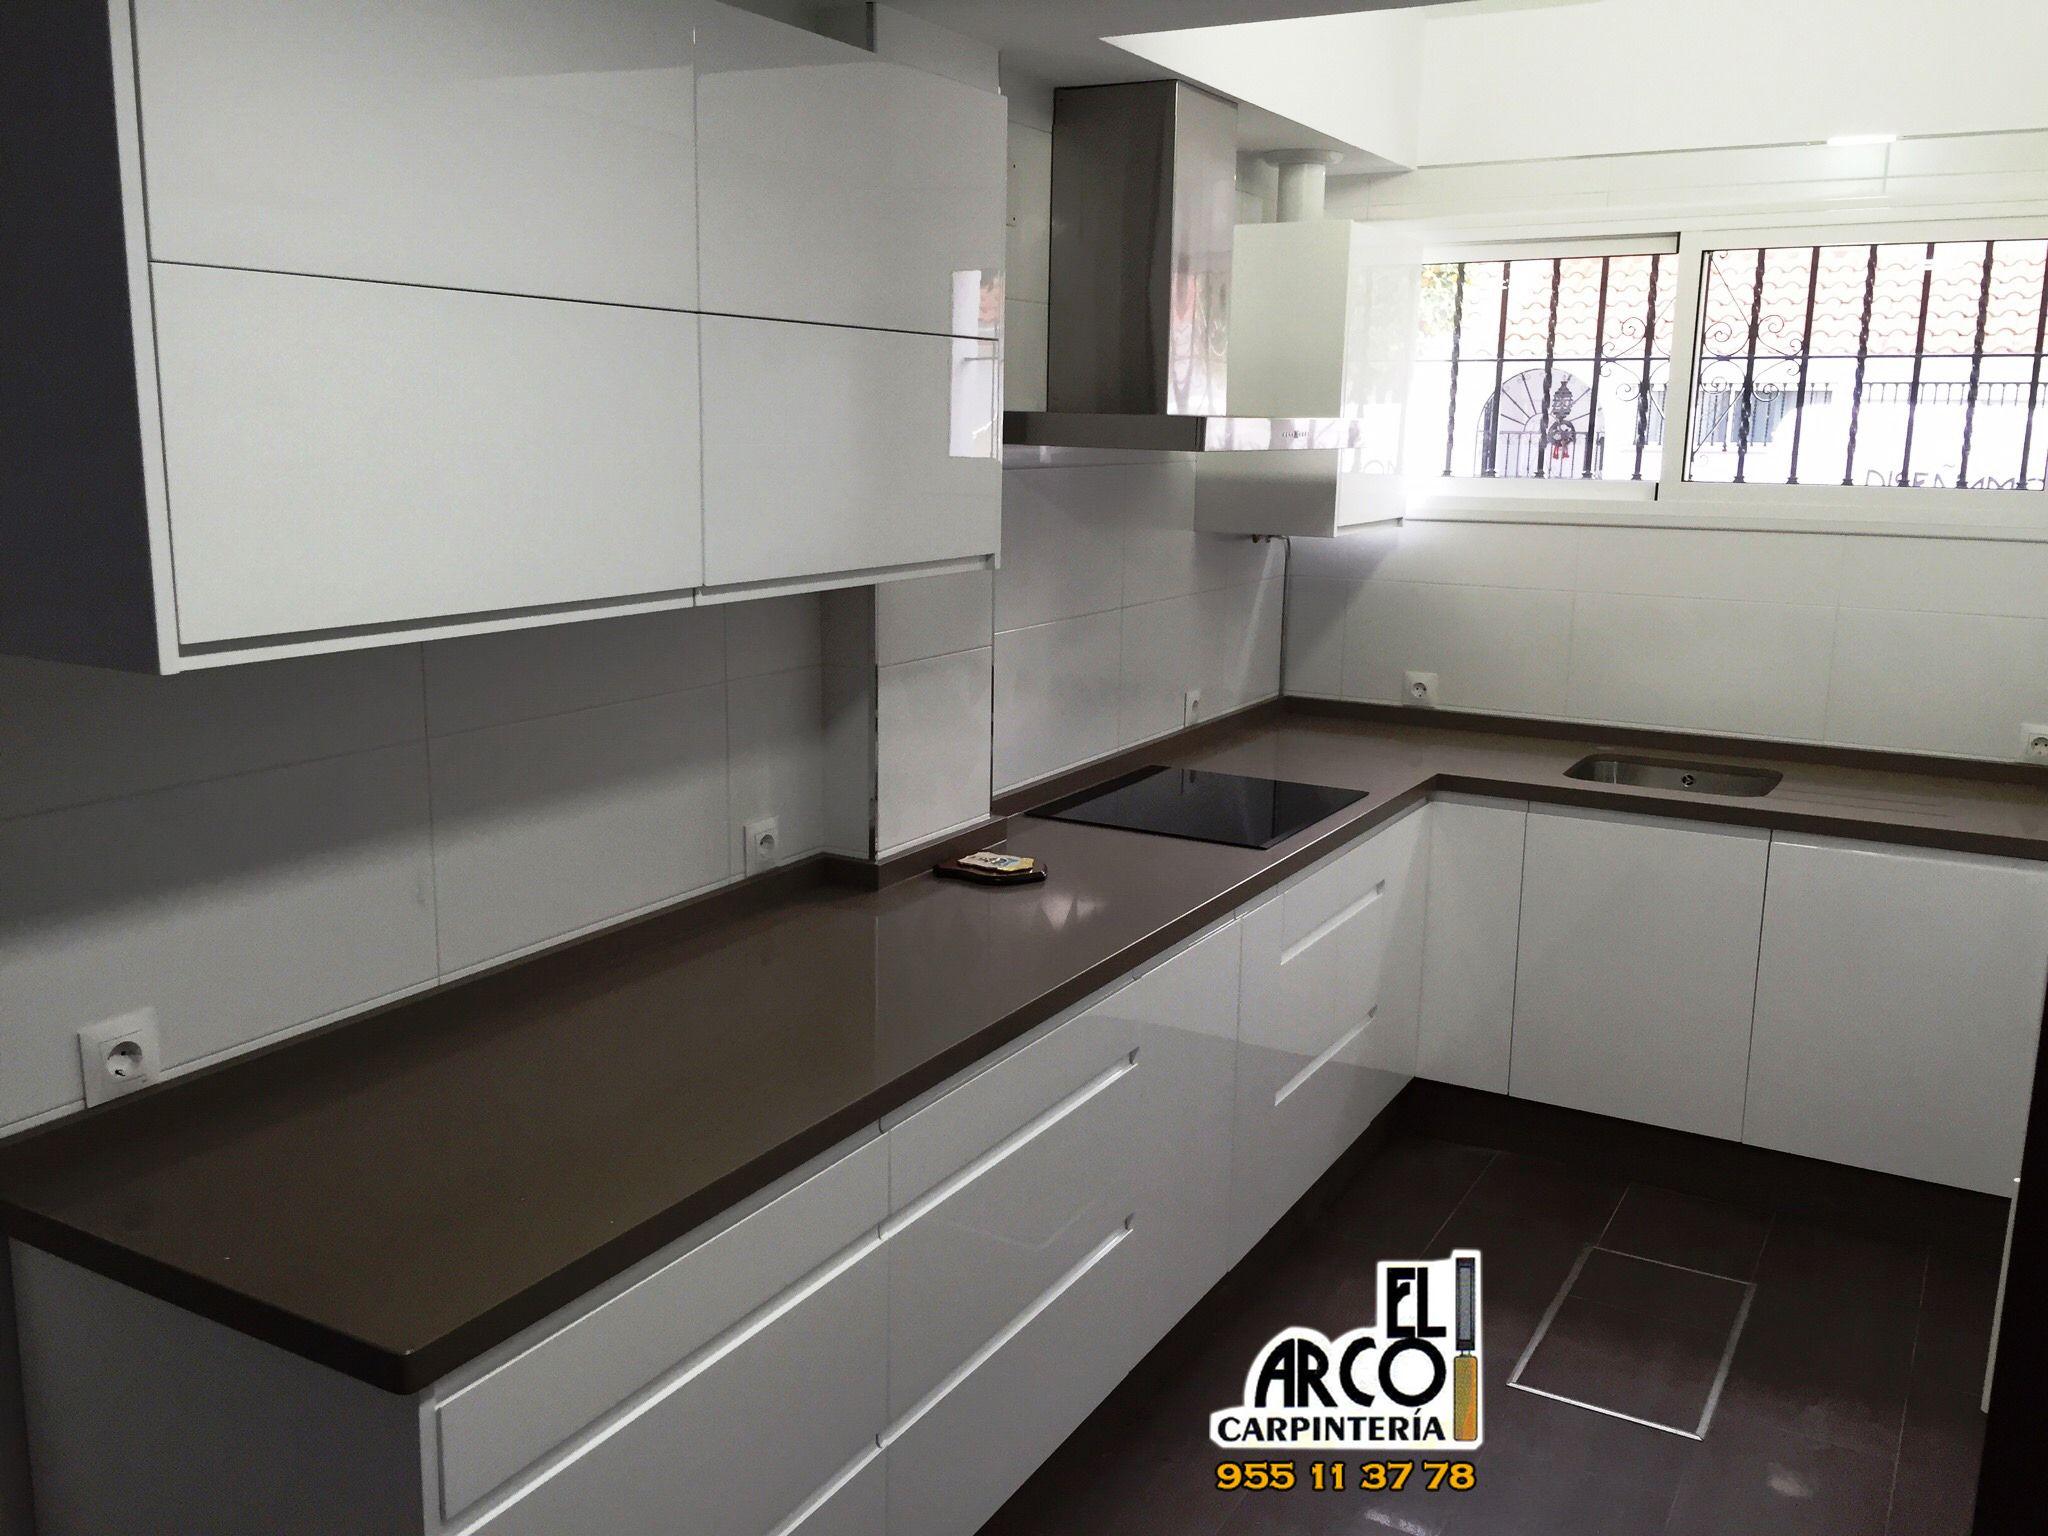 Cocina con puertas blanco alto brillo con tirador - Cocinas blanco brillo ...